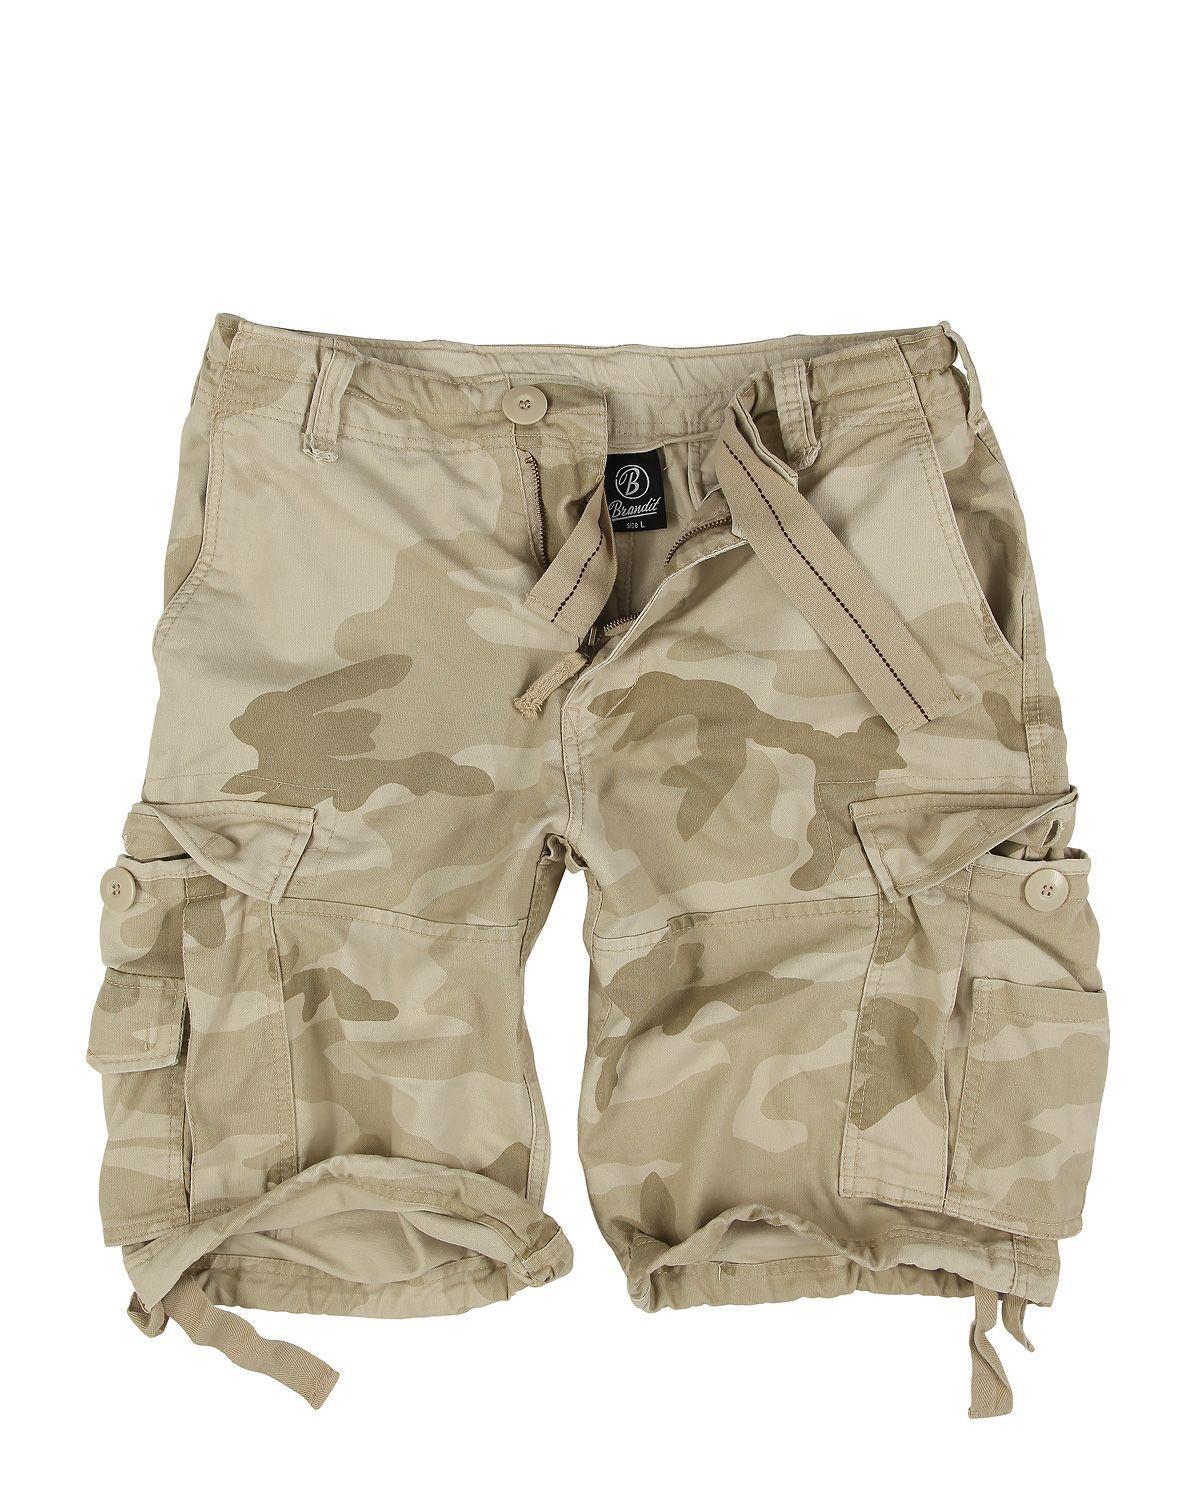 Brandit Vintage Shorts (Desert Camouflage, XL)